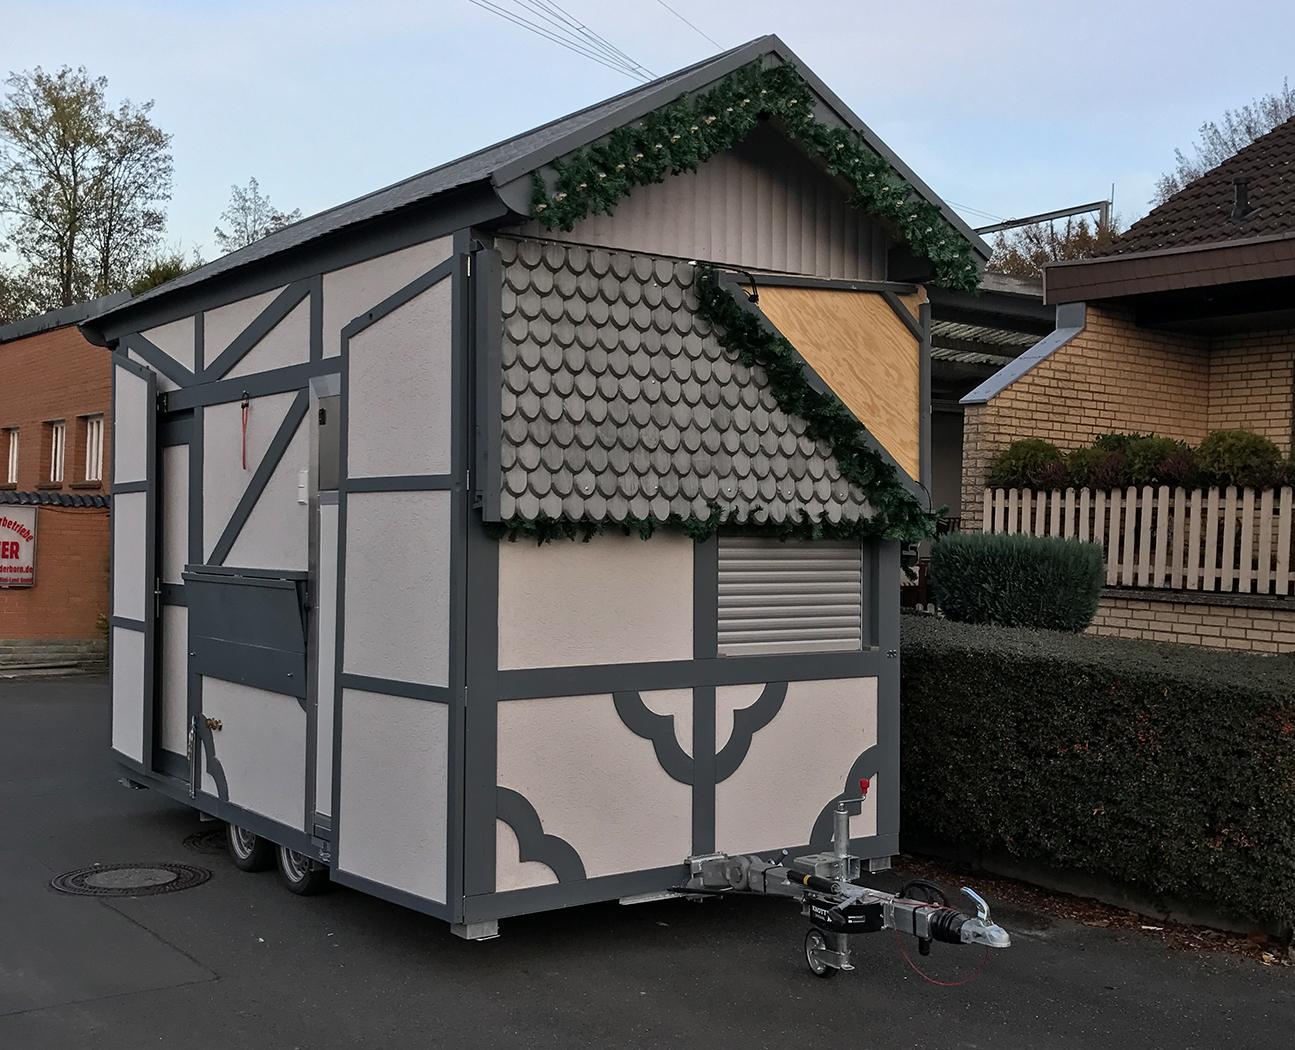 1A Hütten – Verkaufsstände